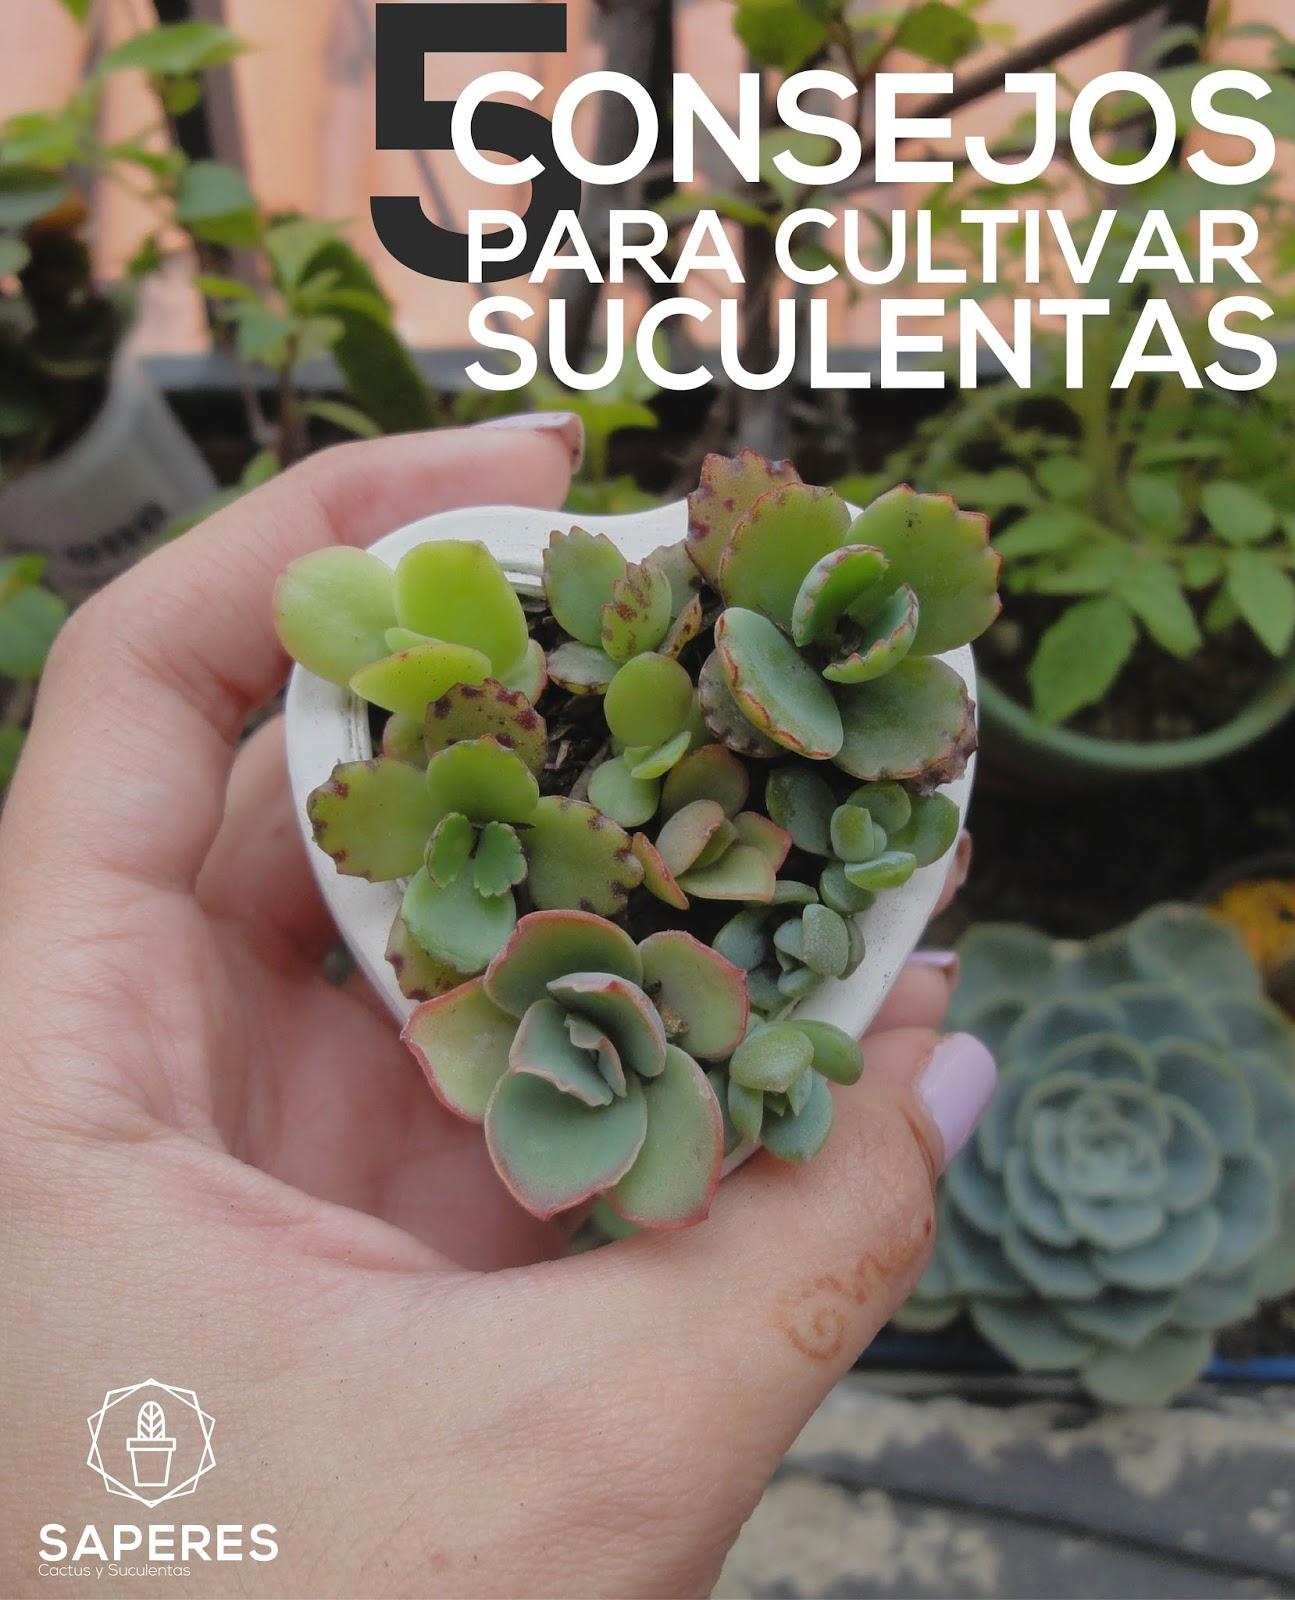 5 consejos para cultivar suculentas saperes - Tipos de plantas y sus cuidados ...